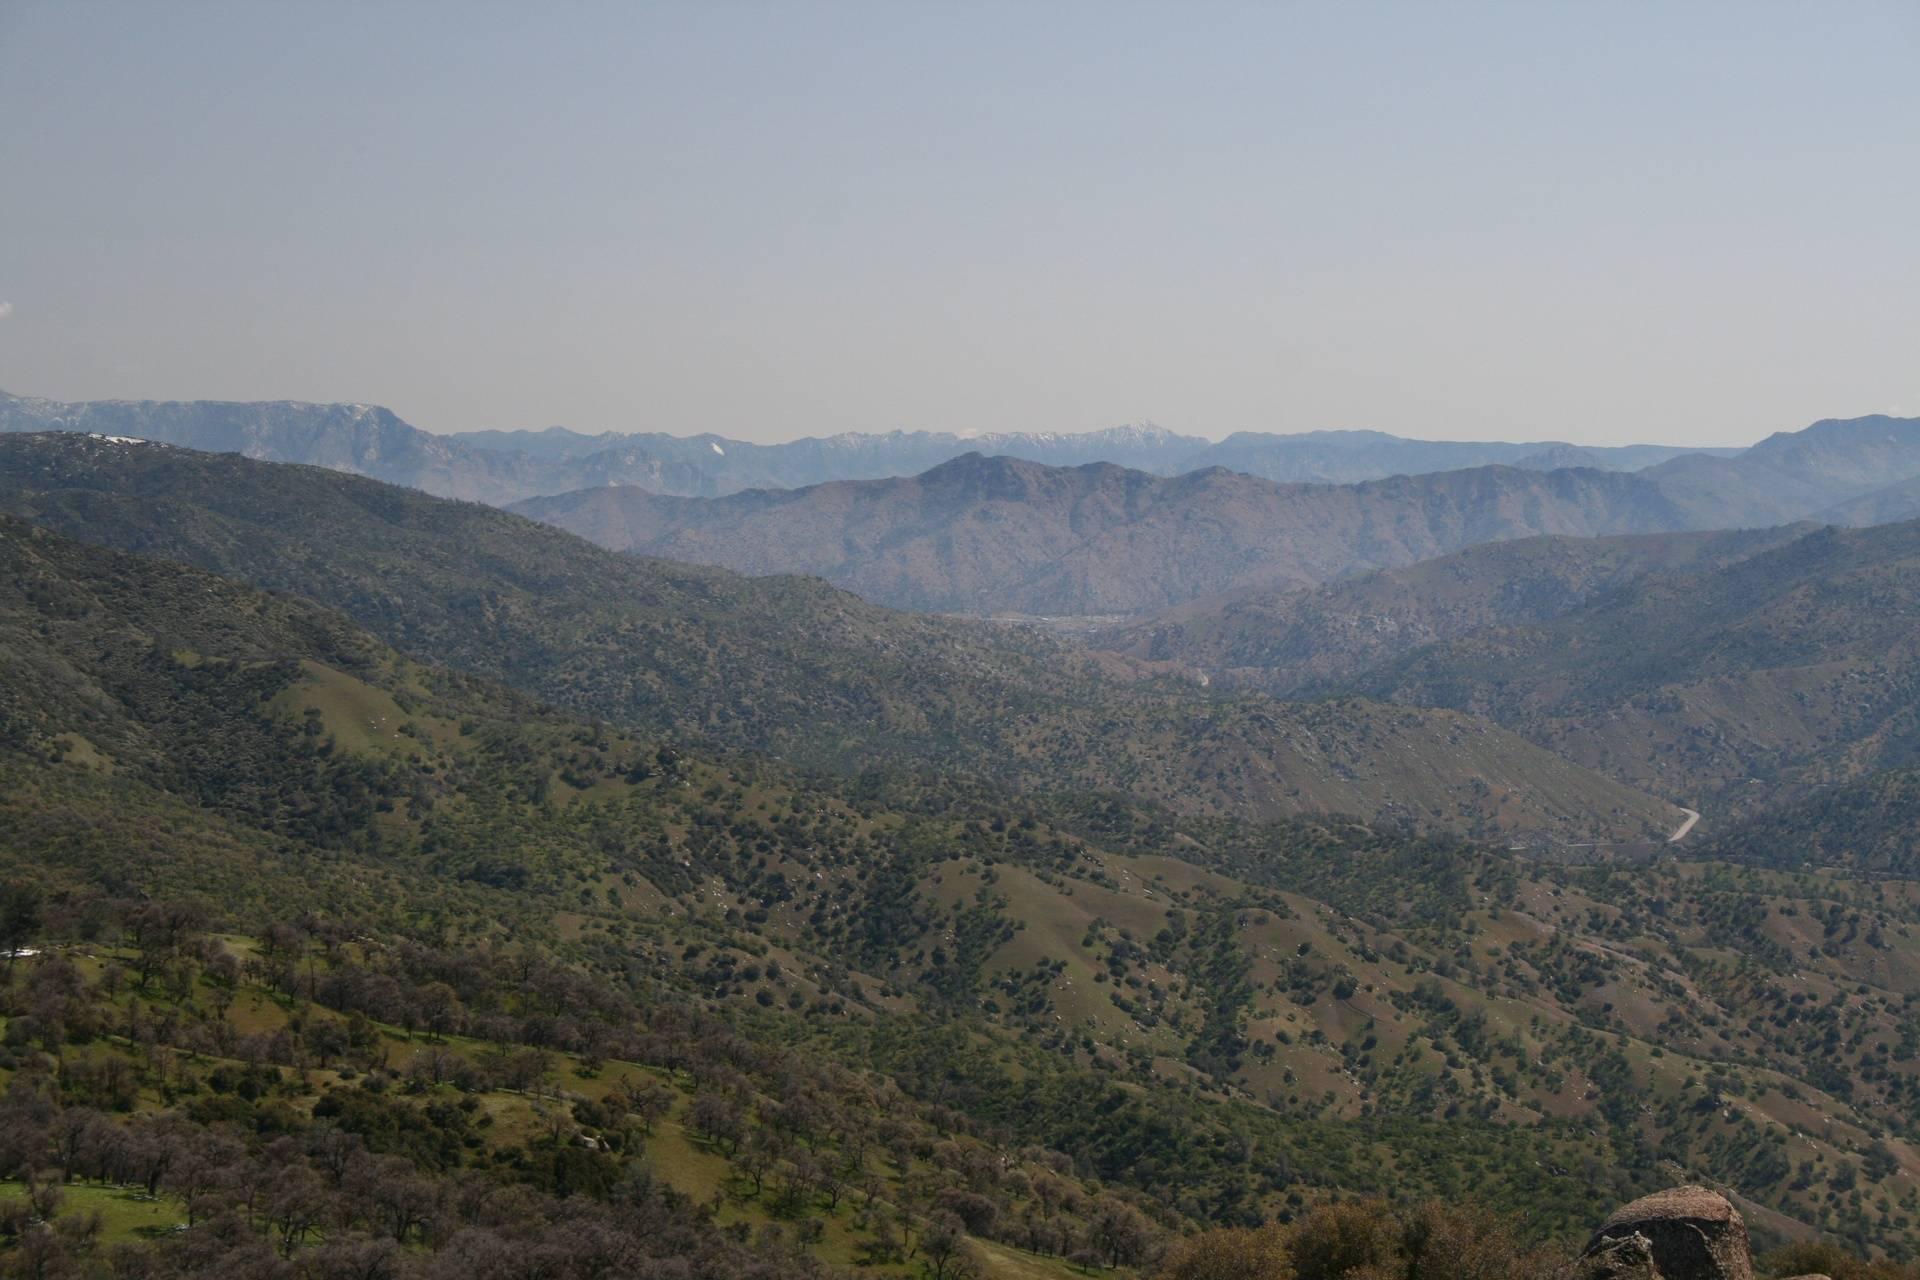 Looking E up the canyon toward Lake Isabella